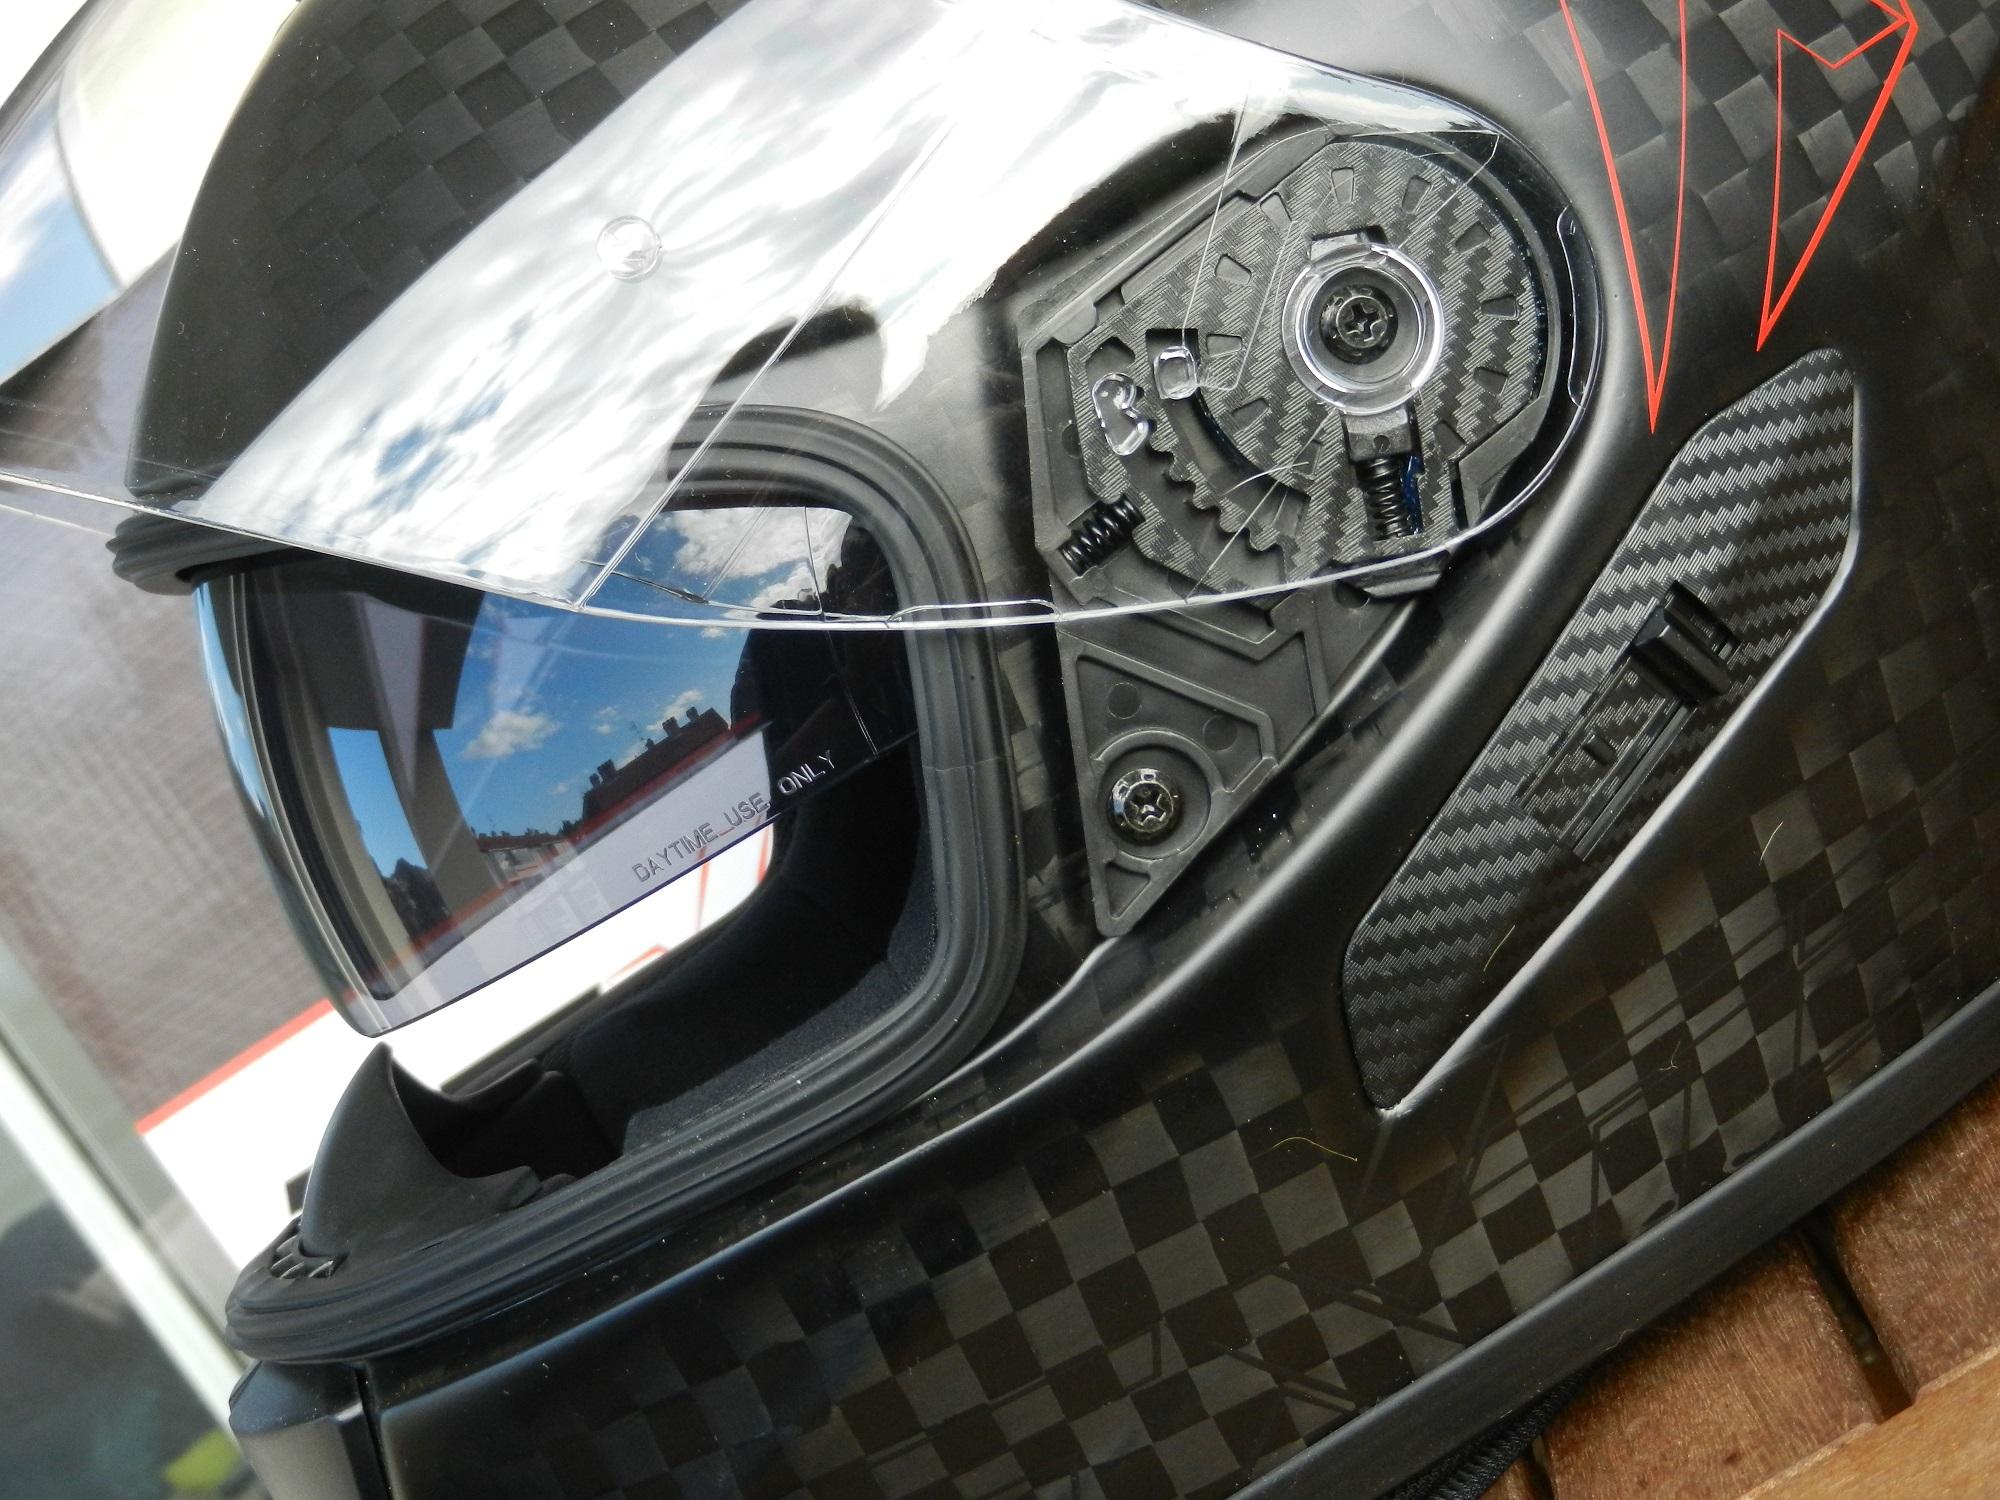 Vista de perfil, con la posición del Pinlock con respecto a la mirada